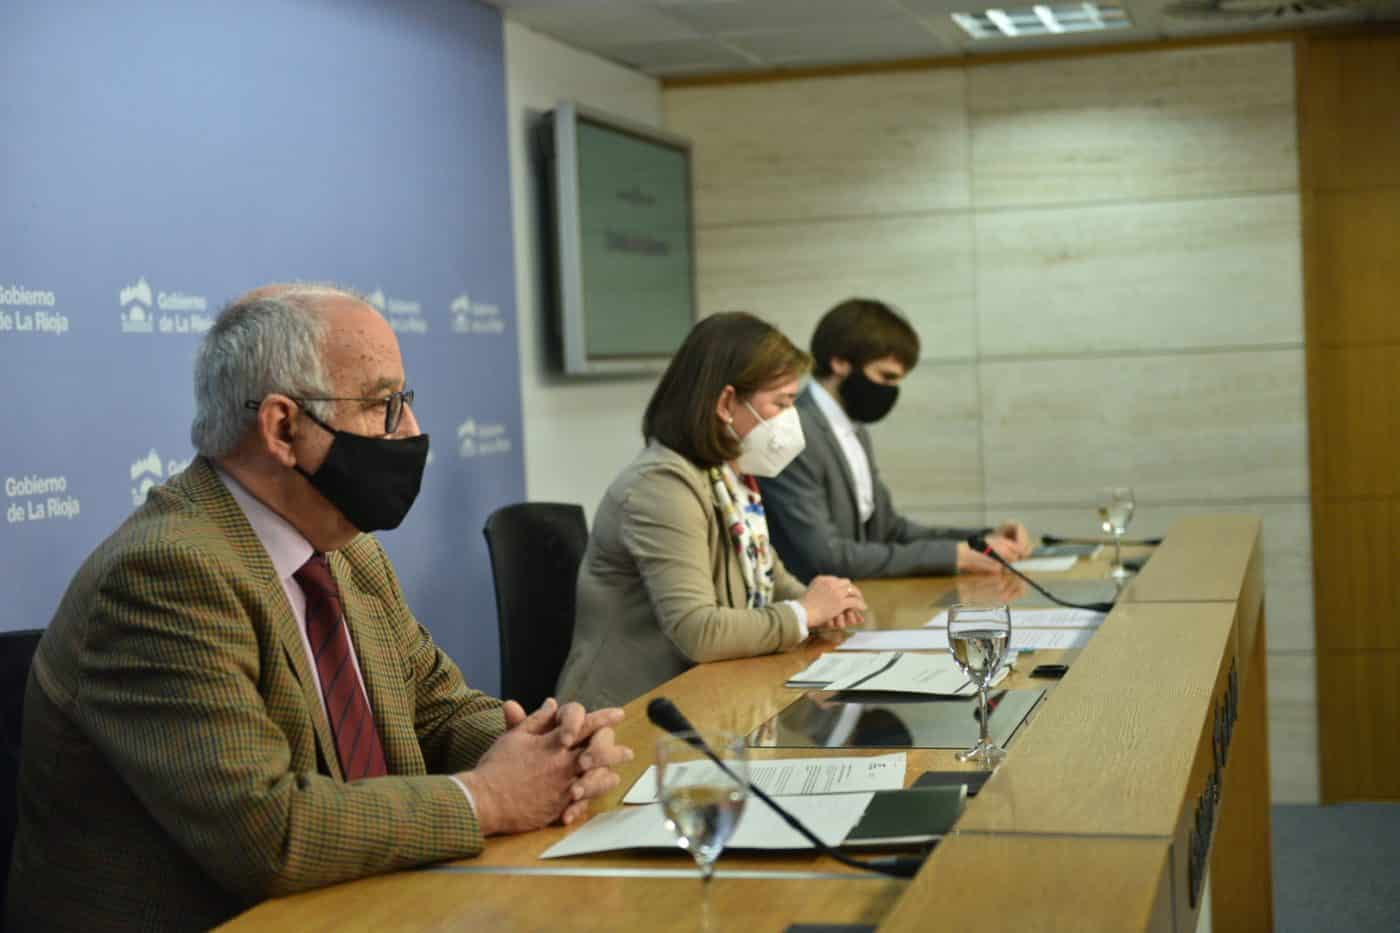 """La Rioja aprueba el nuevo Decreto de Escolarización que """"garantiza la libertad de elección de centro"""" 1"""